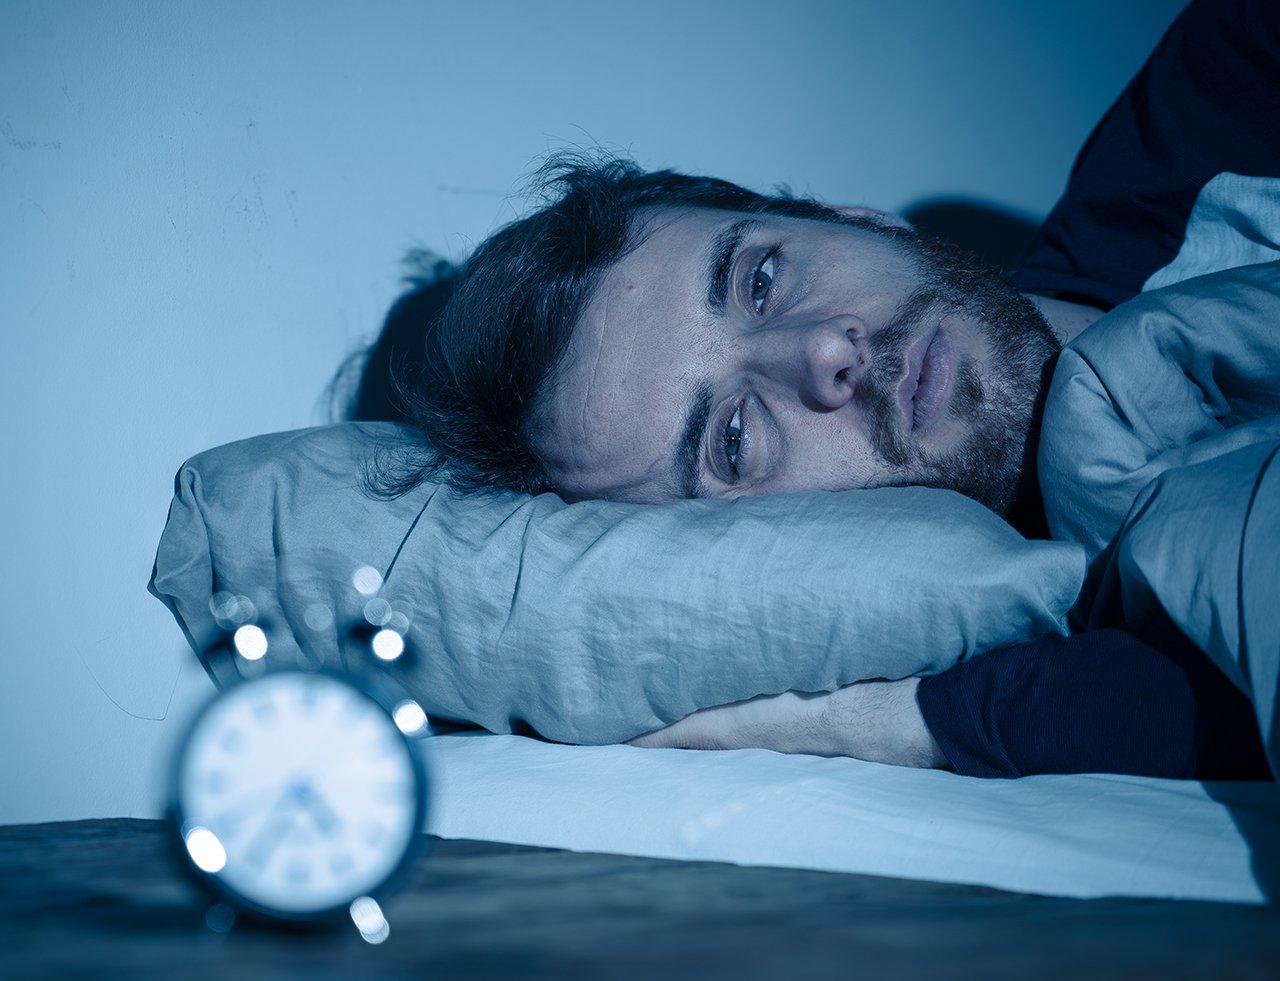 Schlafmangel ist die Folge von stänidiger Müdigkeit und Antriebslosigkeit.